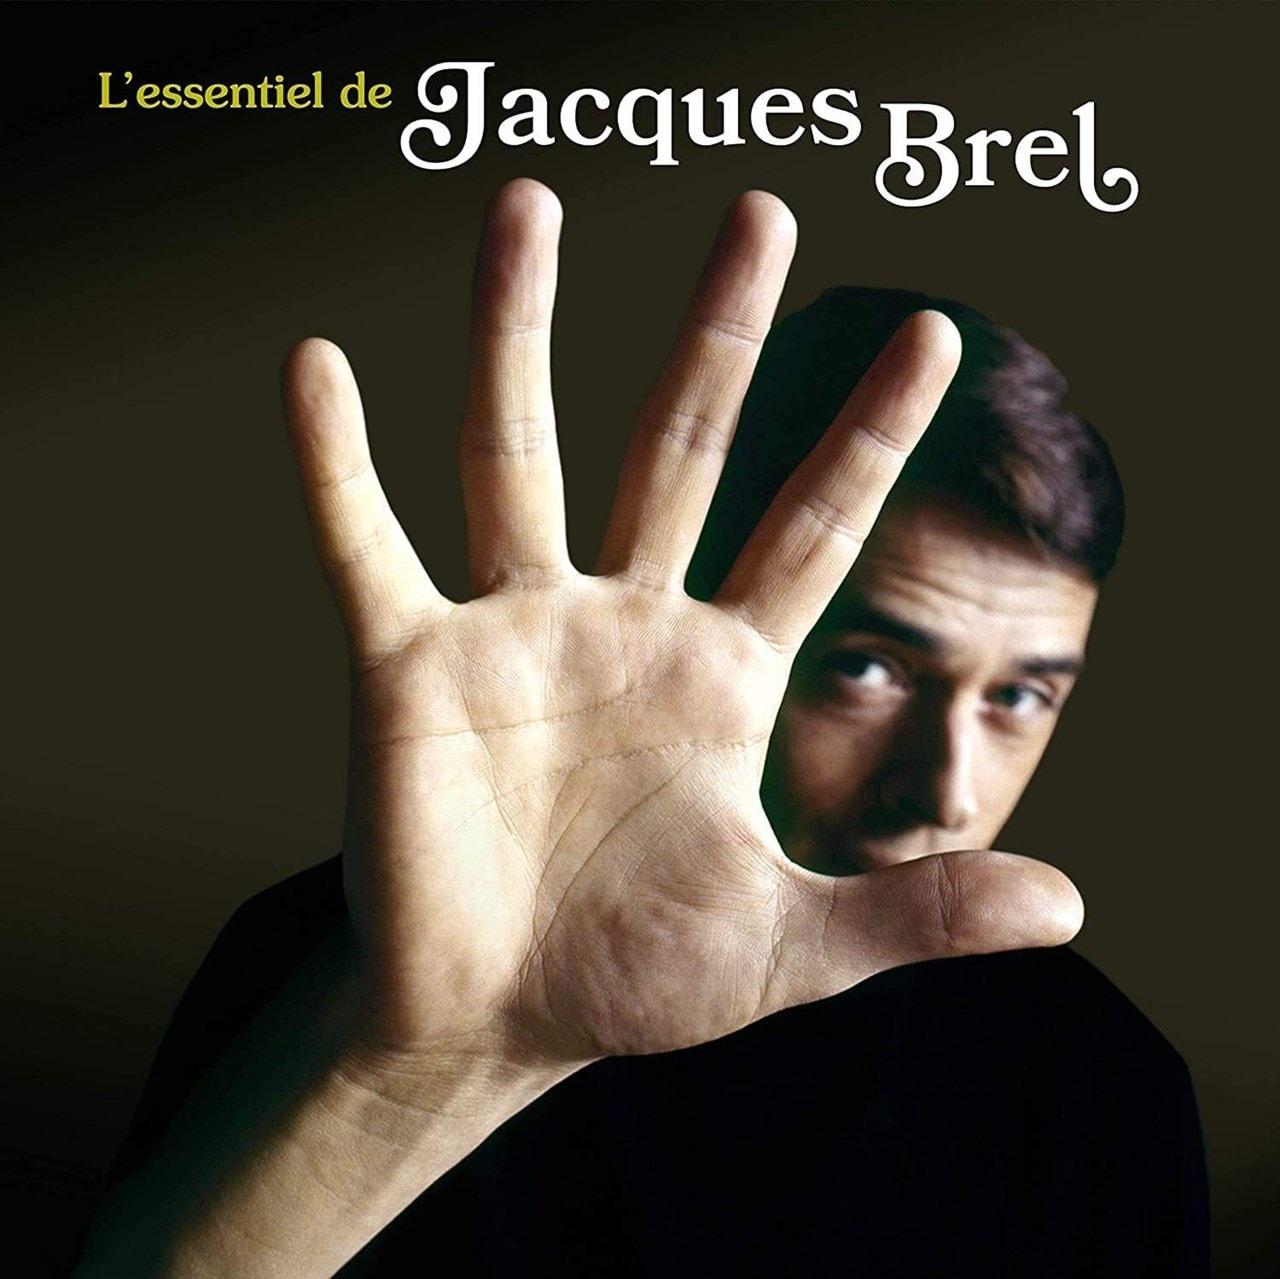 L'essentiel De Jacques Brel - 1